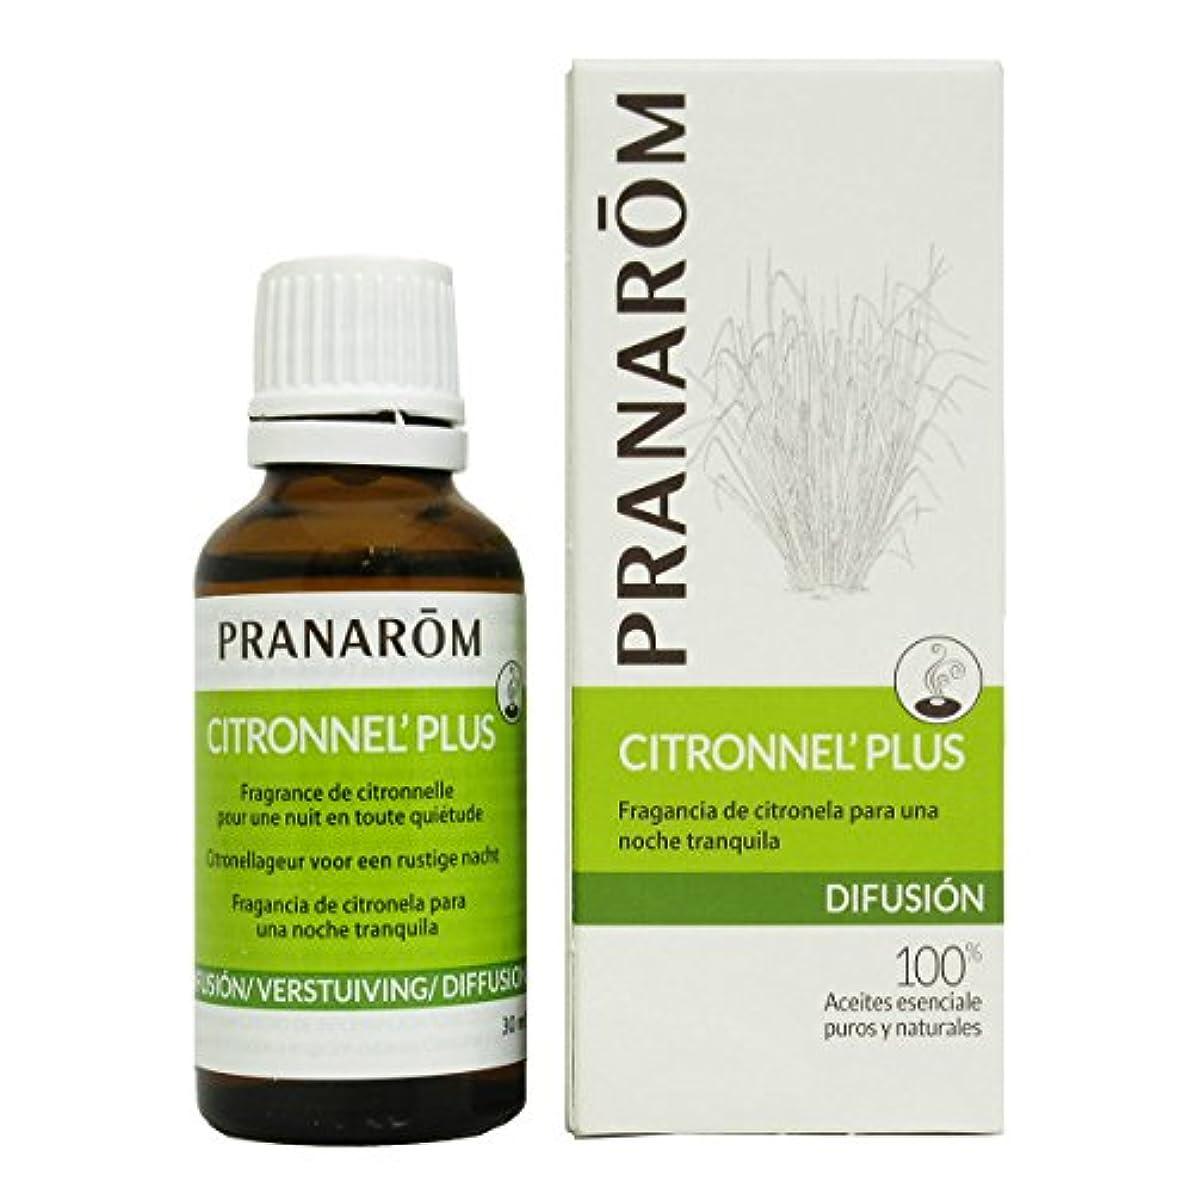 重量販売員凝縮するプラナロム シトロネラプラス 30ml (PRANAROM ルームコロン)